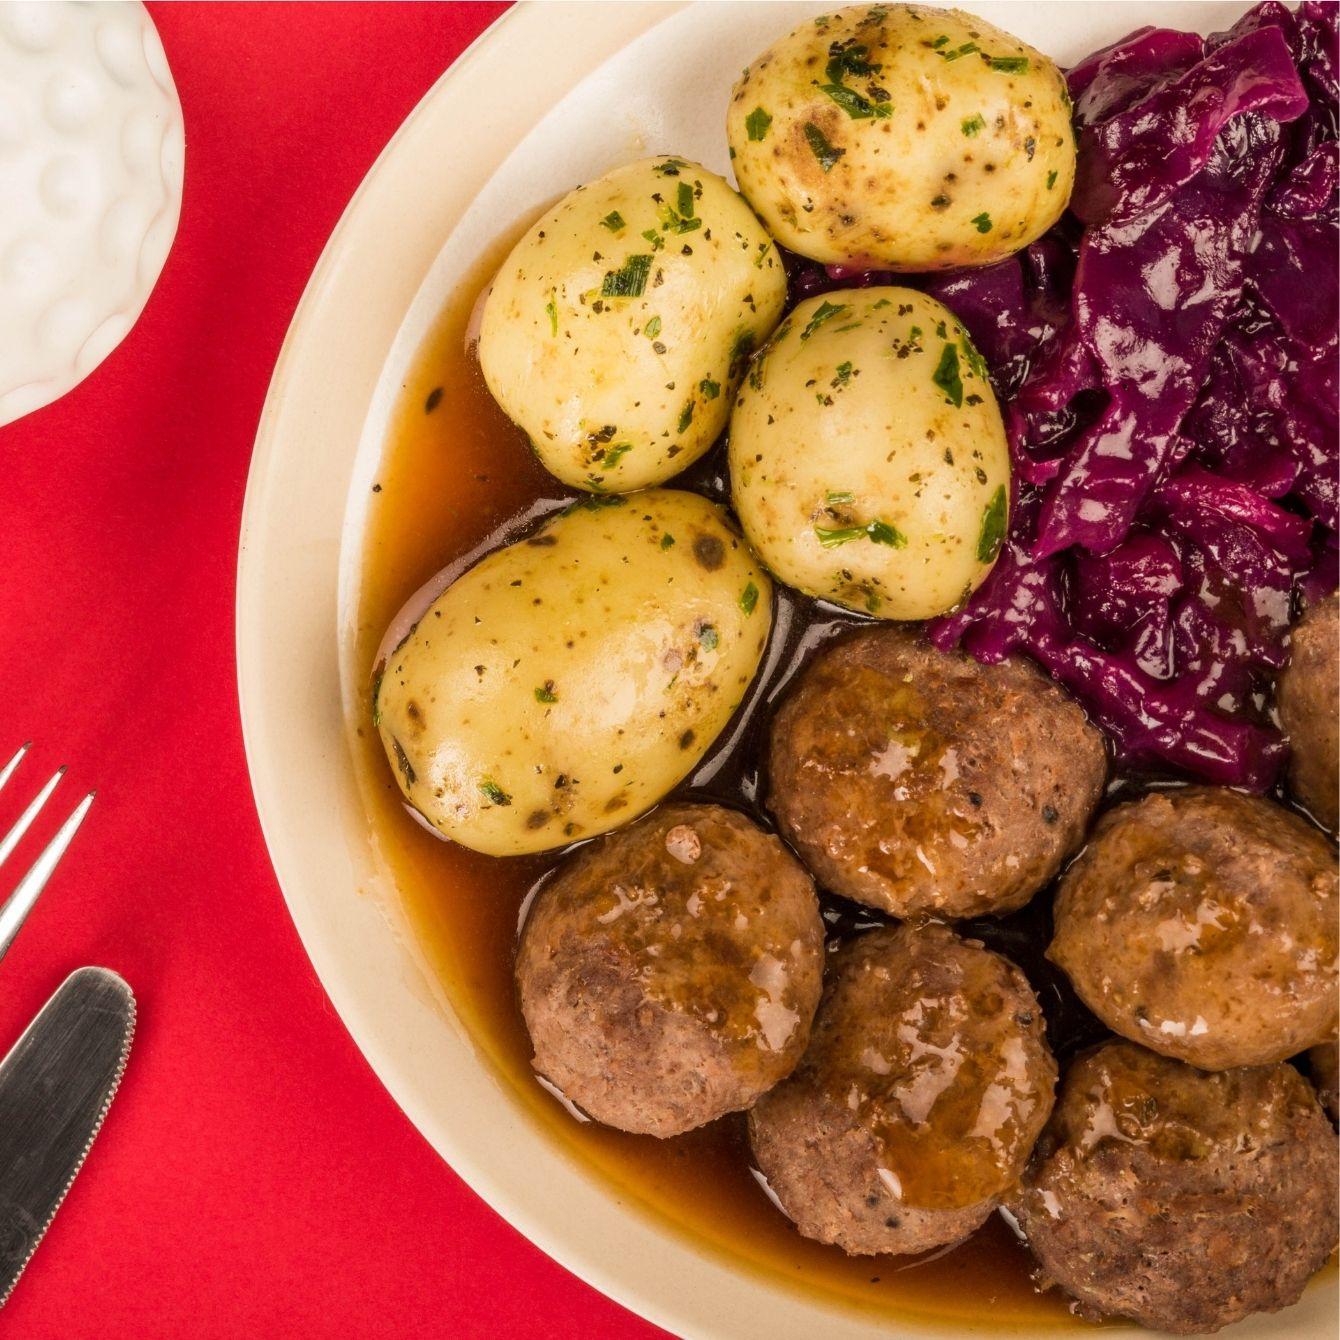 Rode kool met gehaktbal en geroosterde aardappels